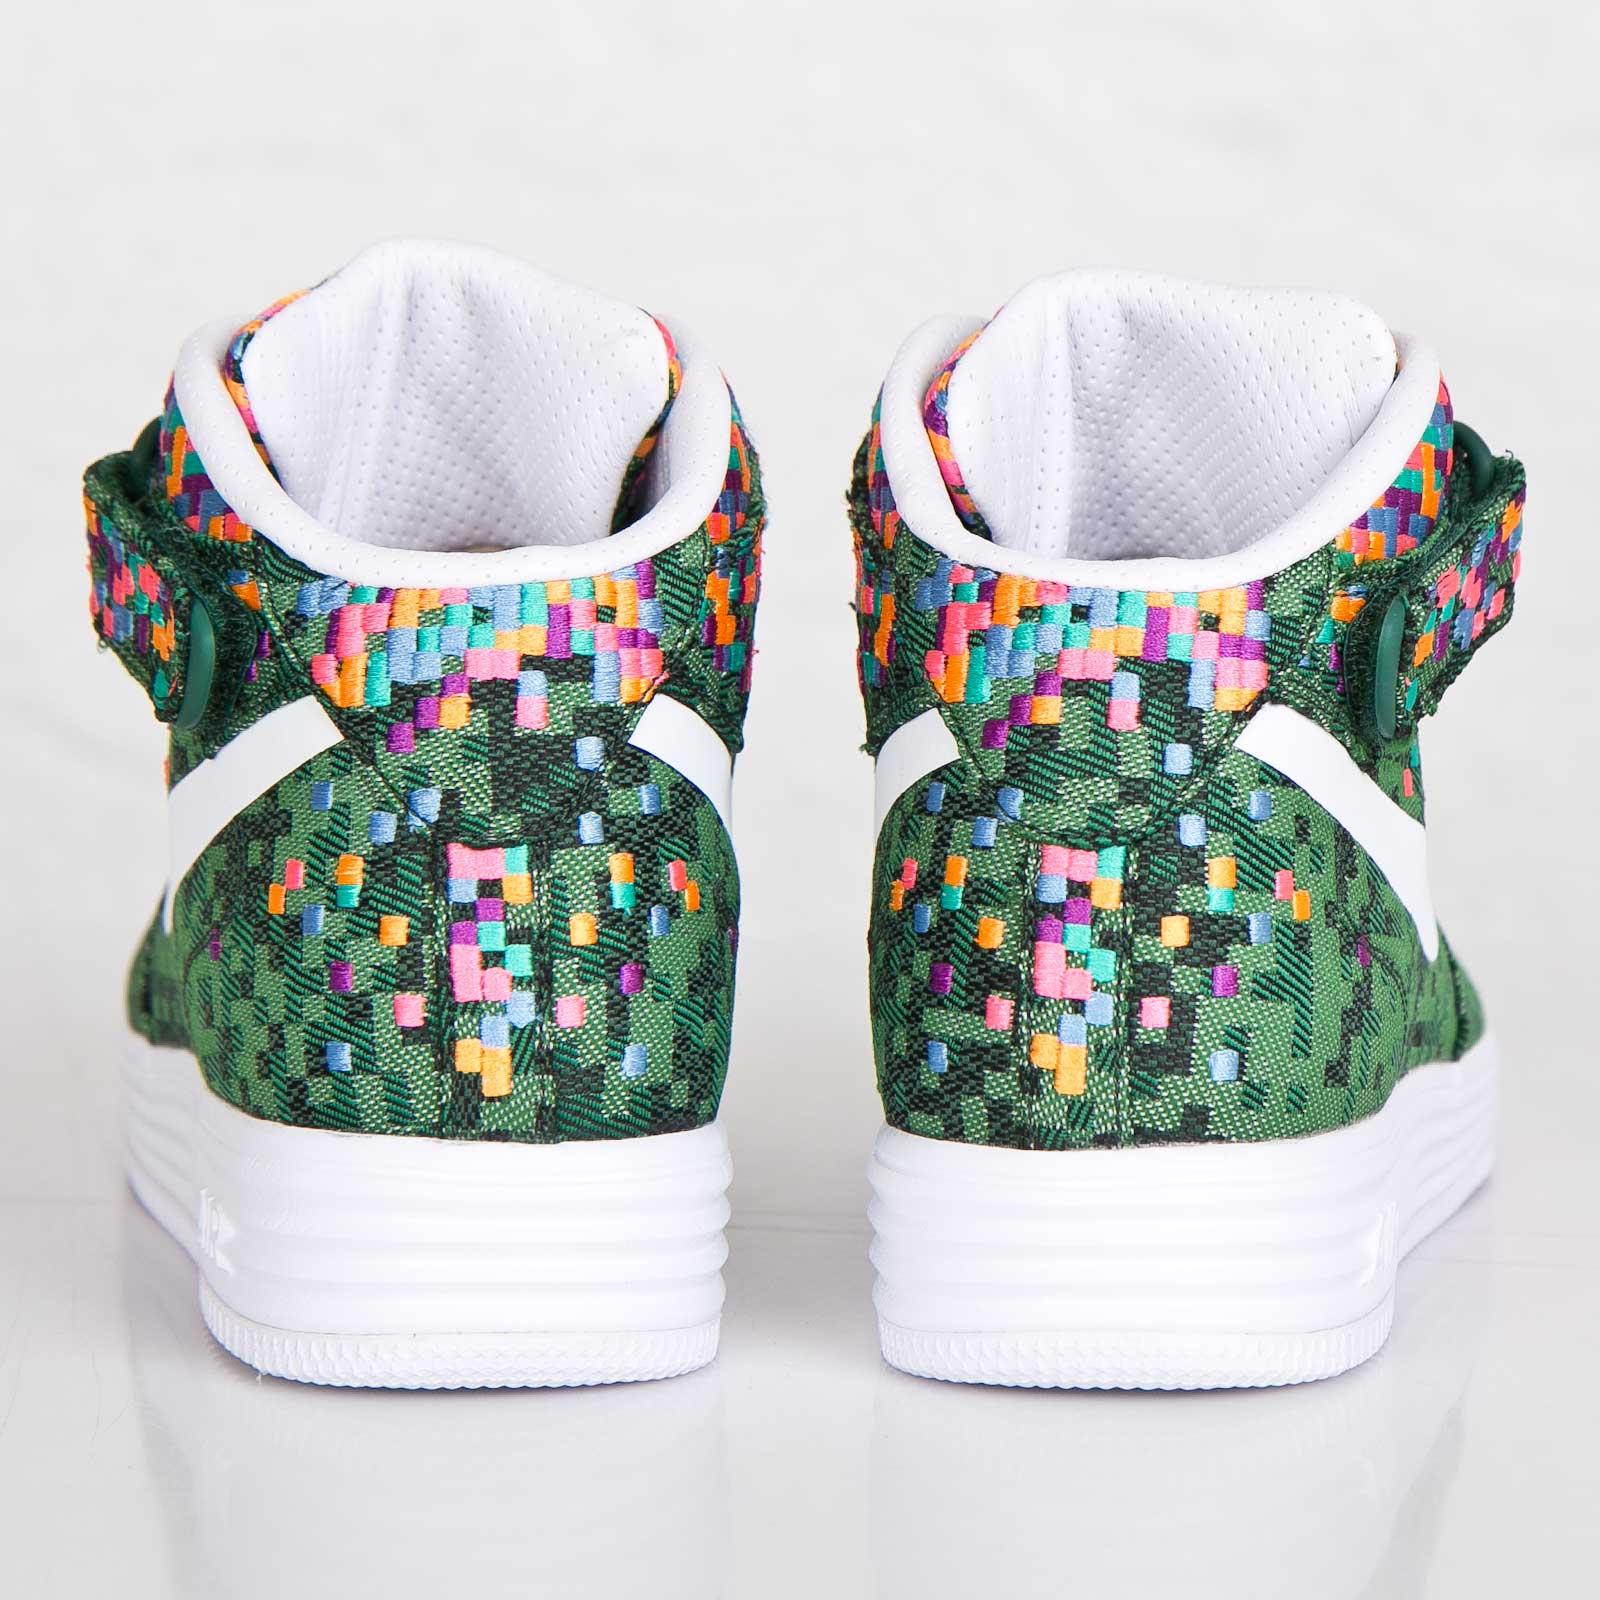 brand new 2c545 b44d8 Nike Lunar Force 1 Mid JCRD SP - 693208-331 - Sneakersnstuff   sneakers    streetwear online since 1999